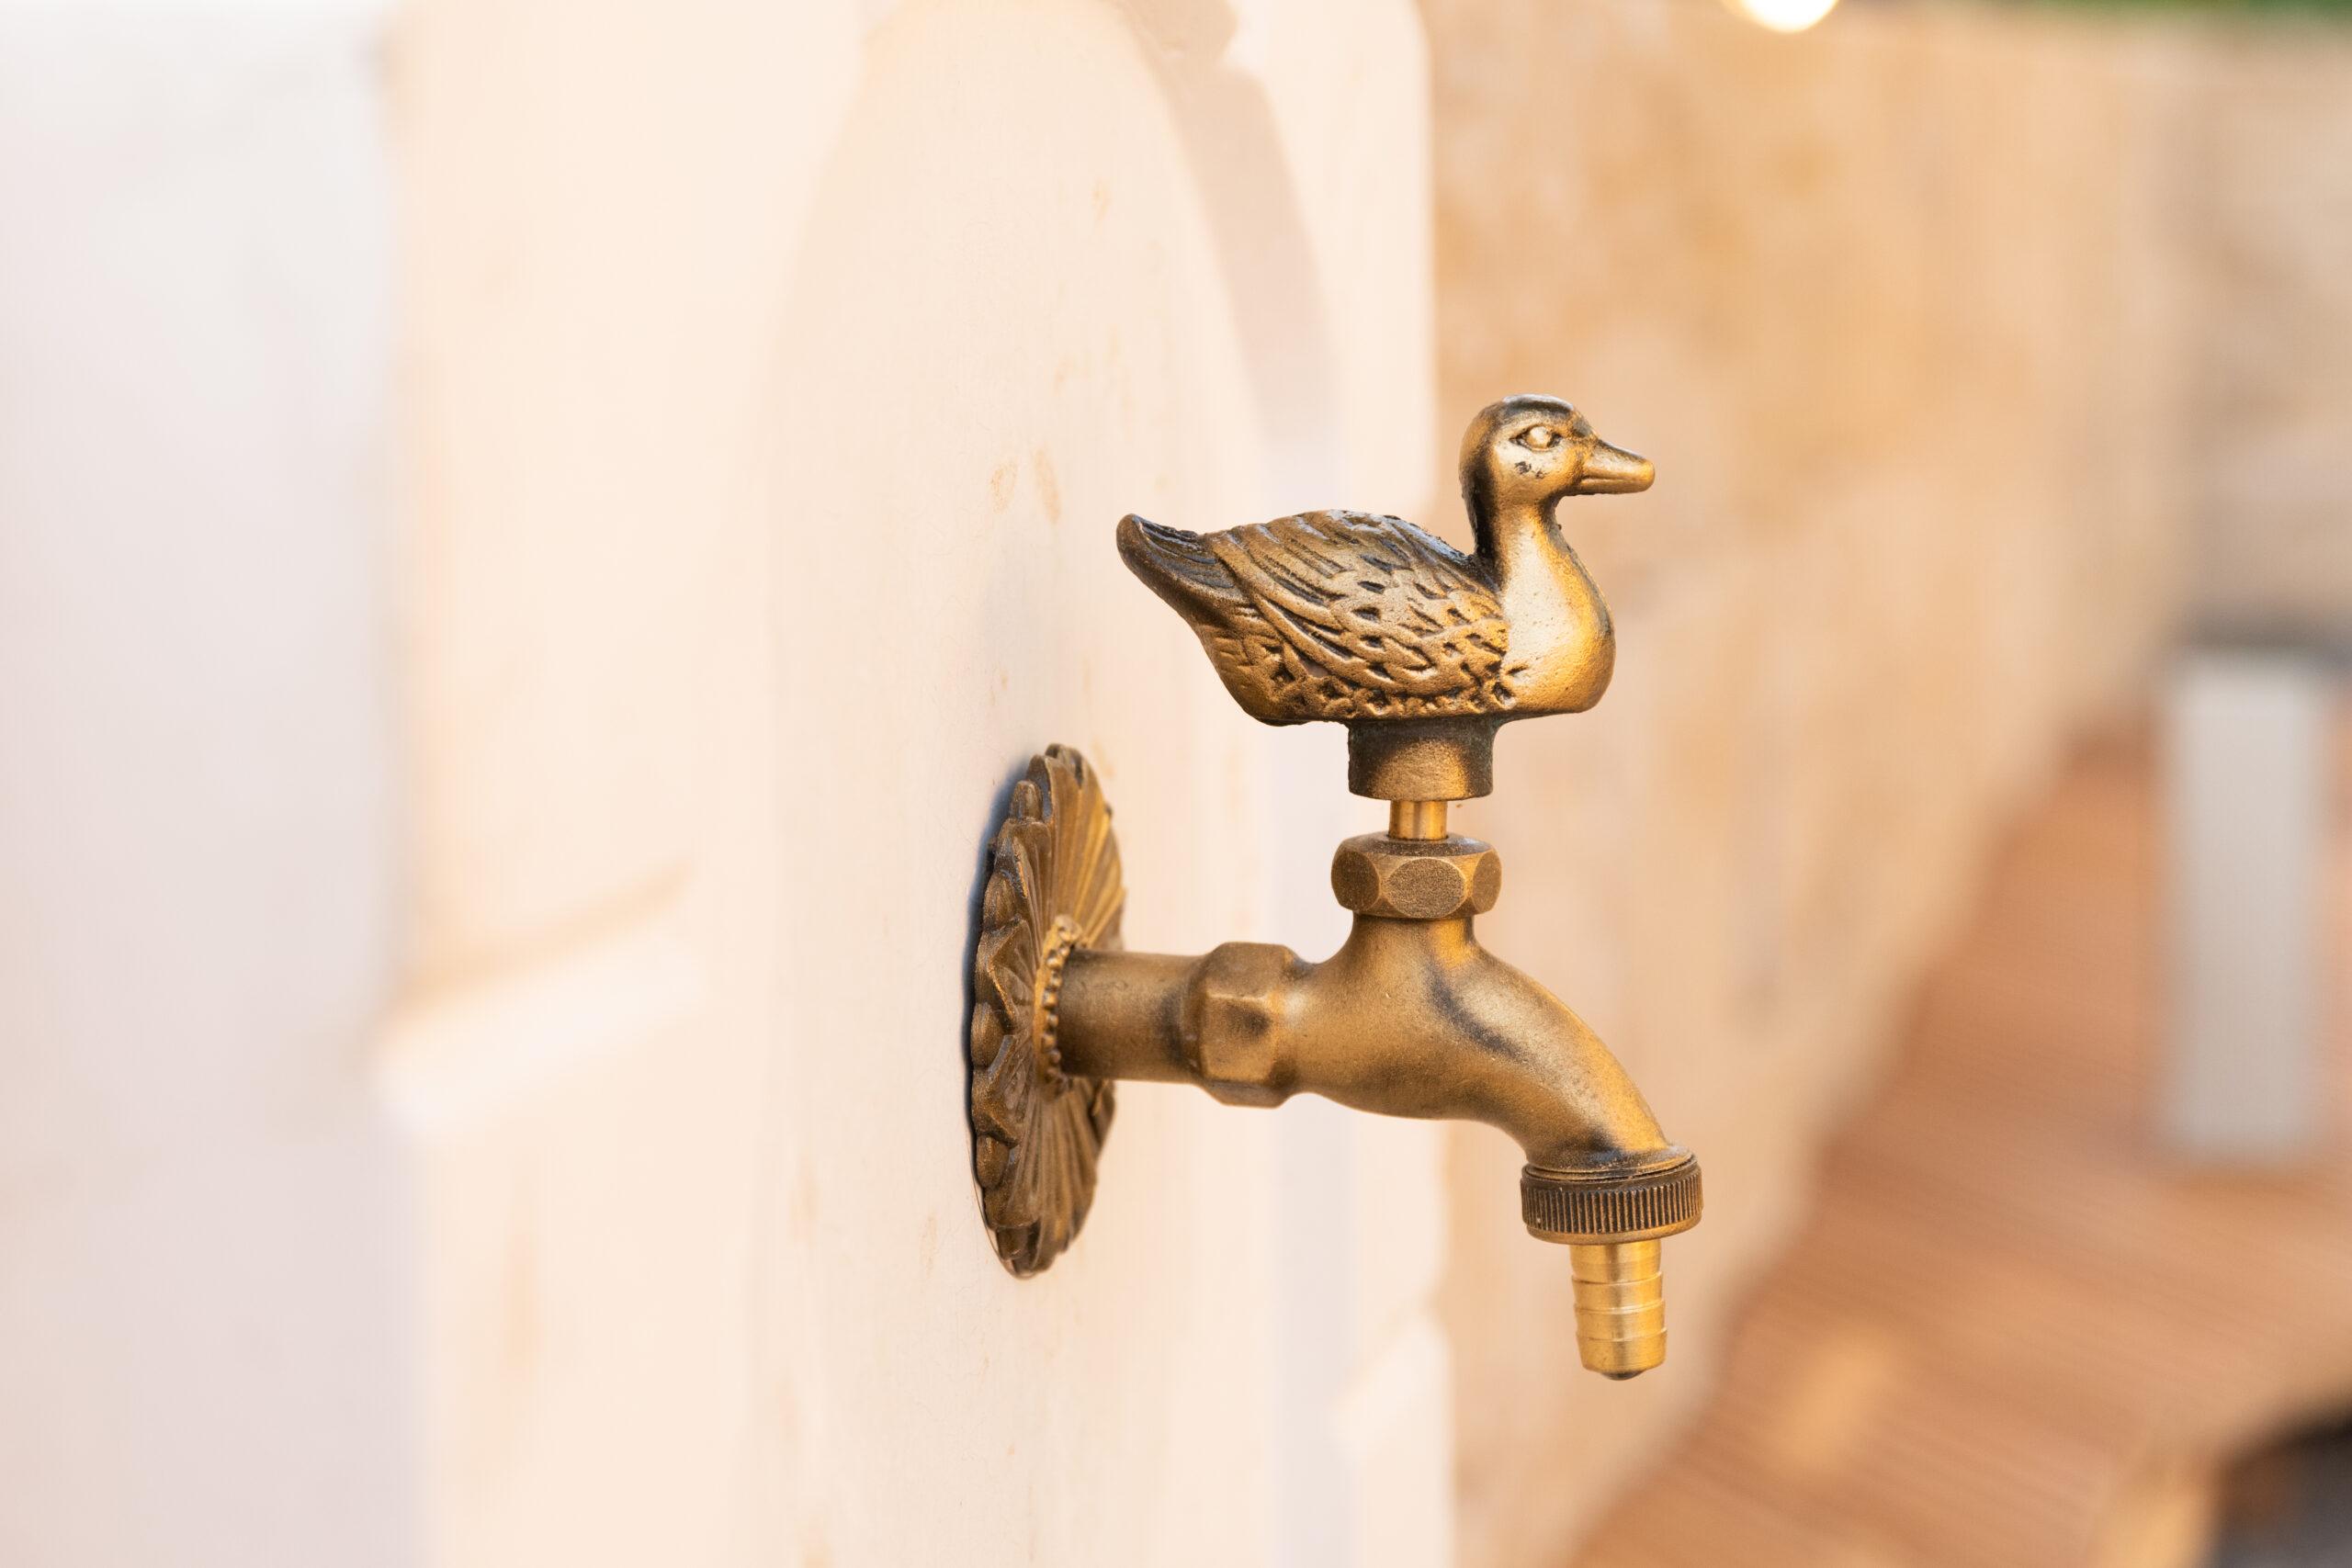 Eine Ente als Wasserhahn. Importiert aus dem Griechenlandurlaub.